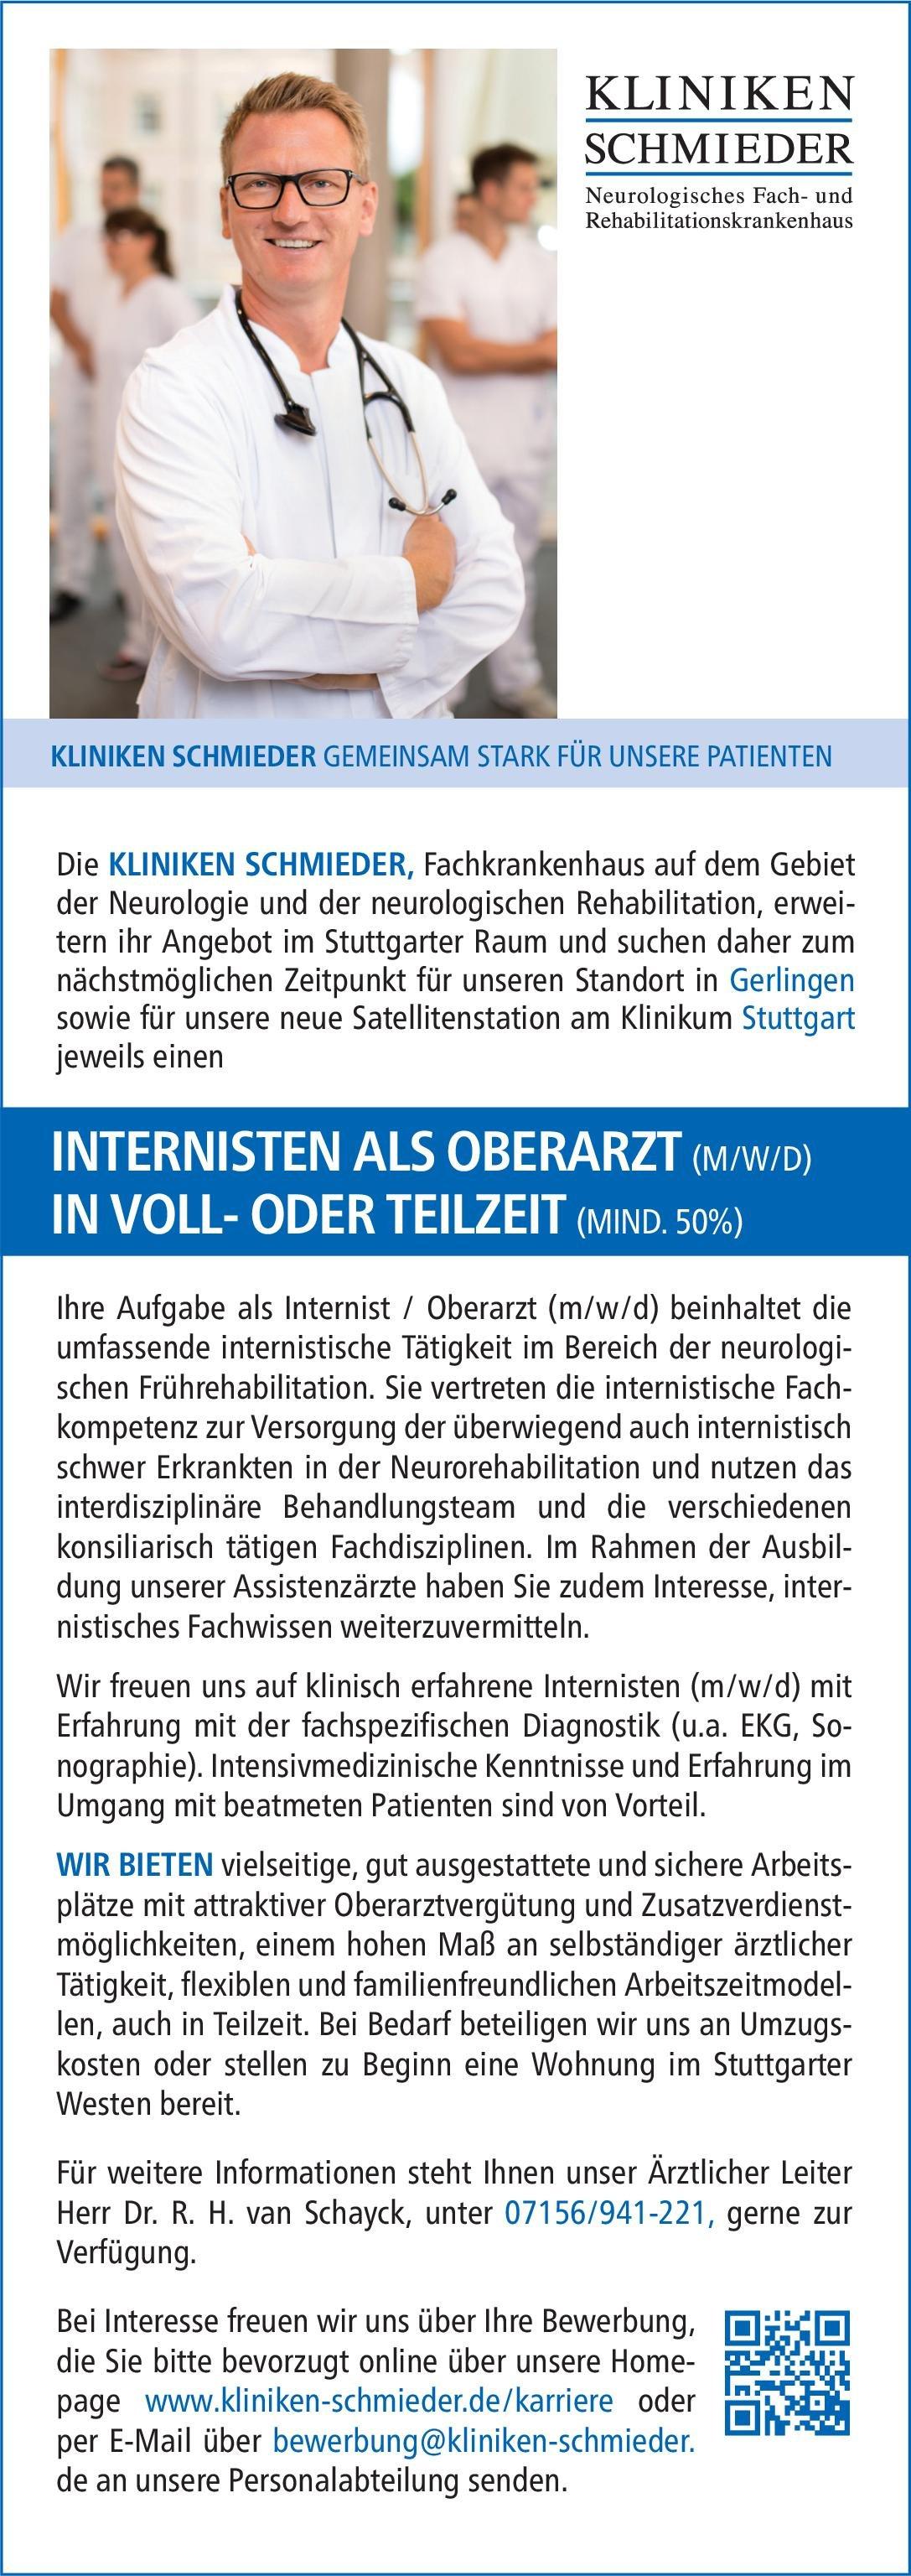 Kliniken Schmieder Internist als Oberarzt  Innere Medizin, Innere Medizin Arzt / Facharzt, Oberarzt